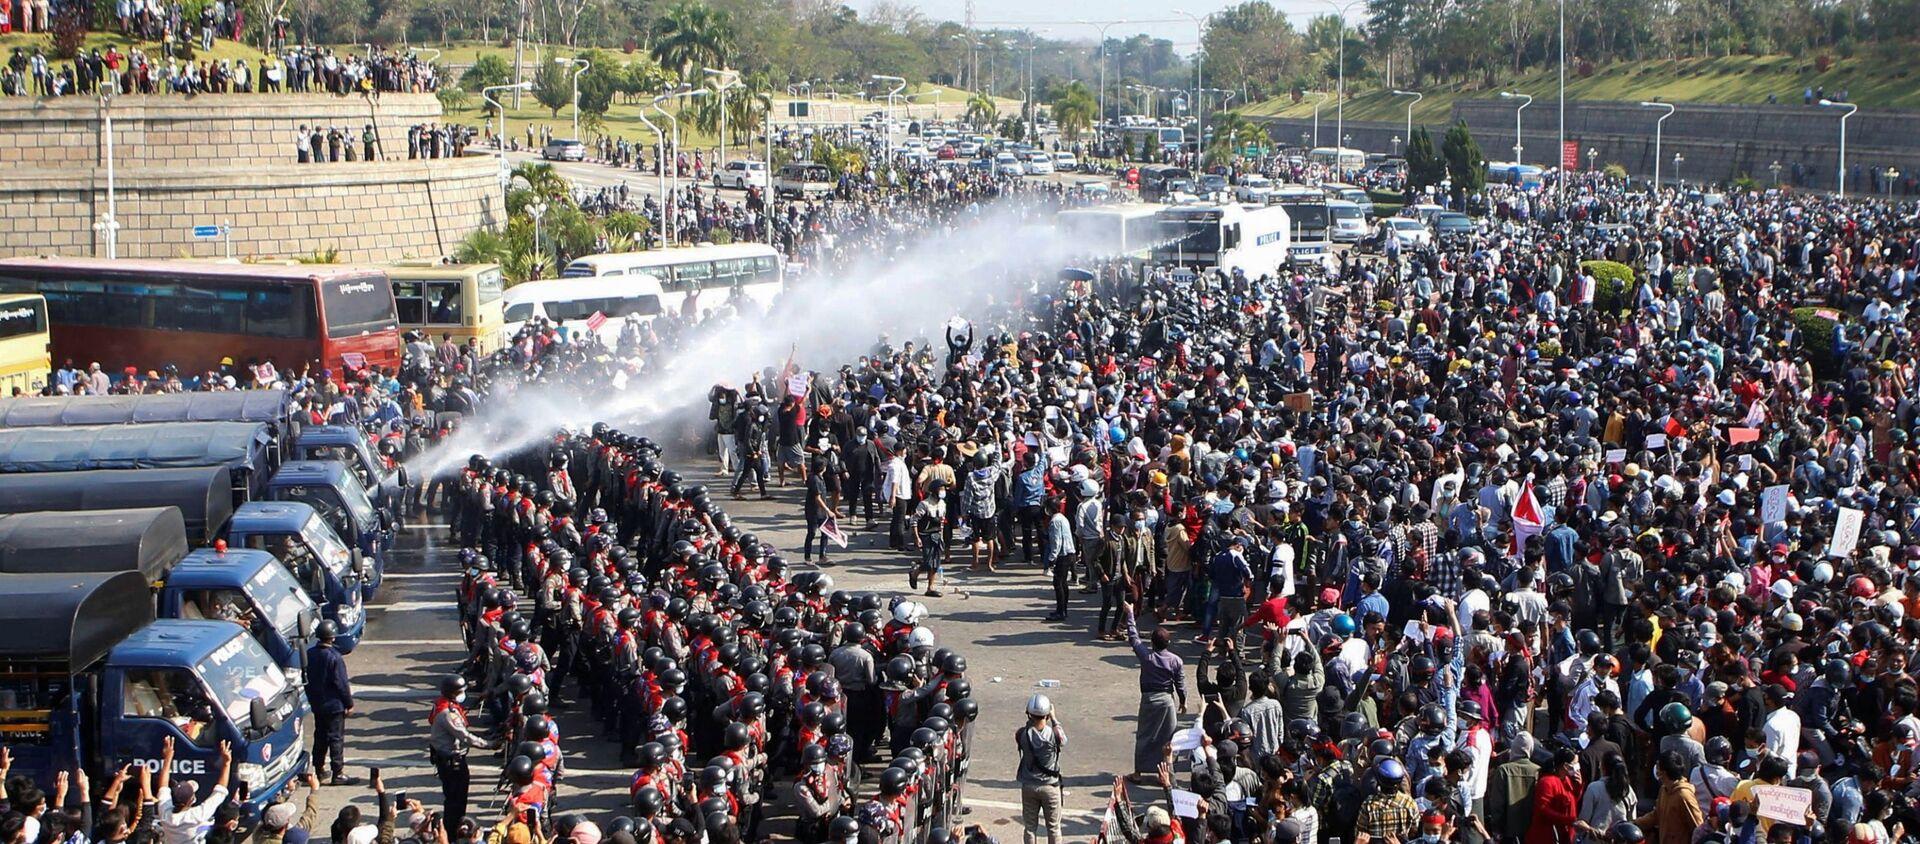 Protesty przeciwko przejęciu władzy przez wojskowych w stolicy Mjanmy, Naypyidaw. - Sputnik Polska, 1920, 01.03.2021